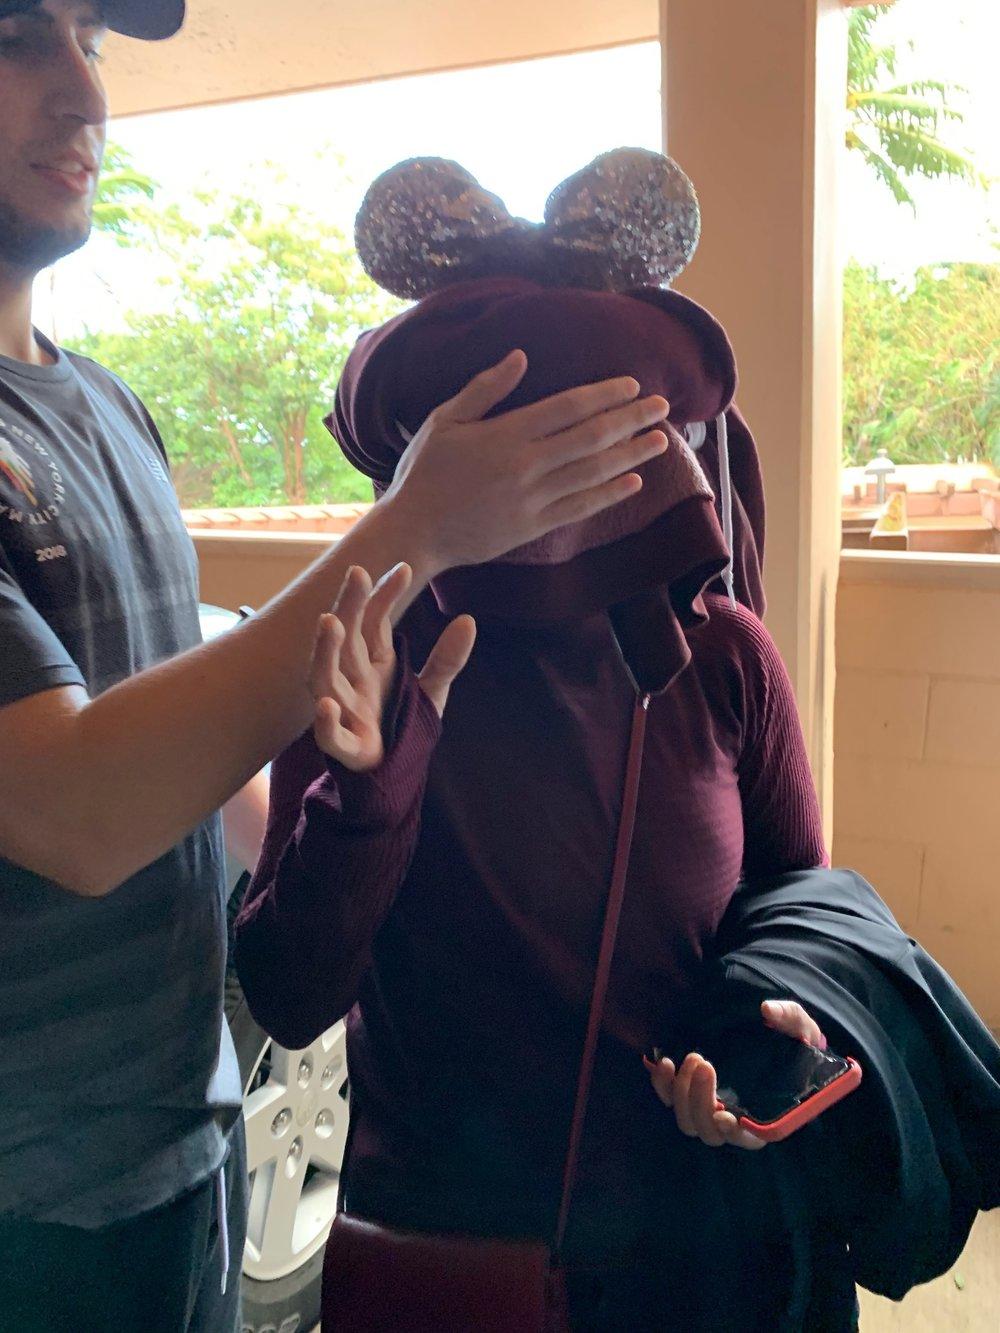 Kalani's sweatshirt blindfold